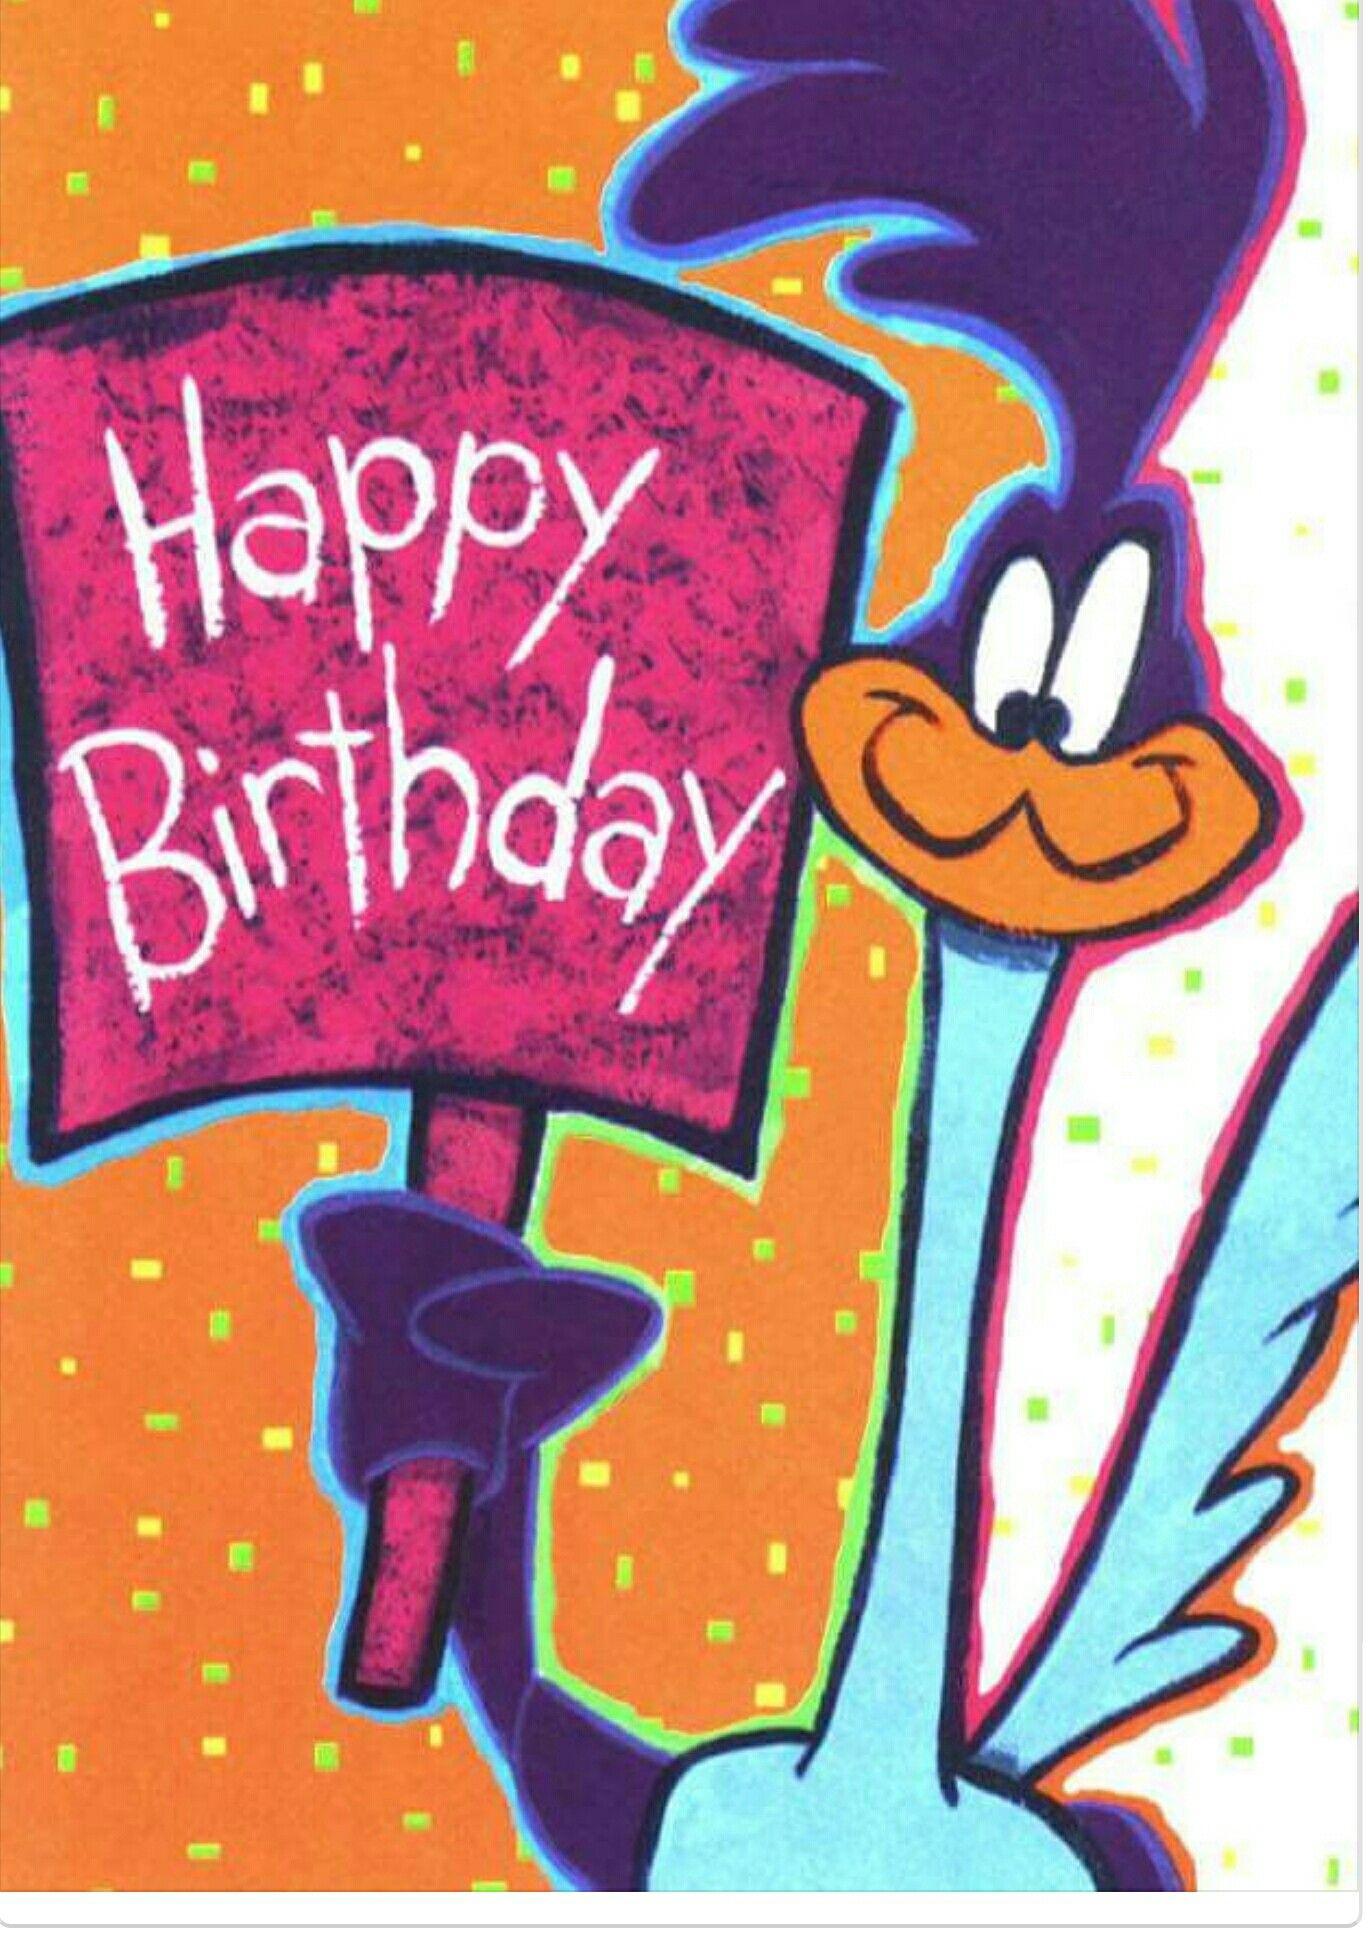 Pin By Enjoy On Una De Cumpleanos Happy Birthday Greetings Happy Birthday Pictures Happy Birthday Wishes